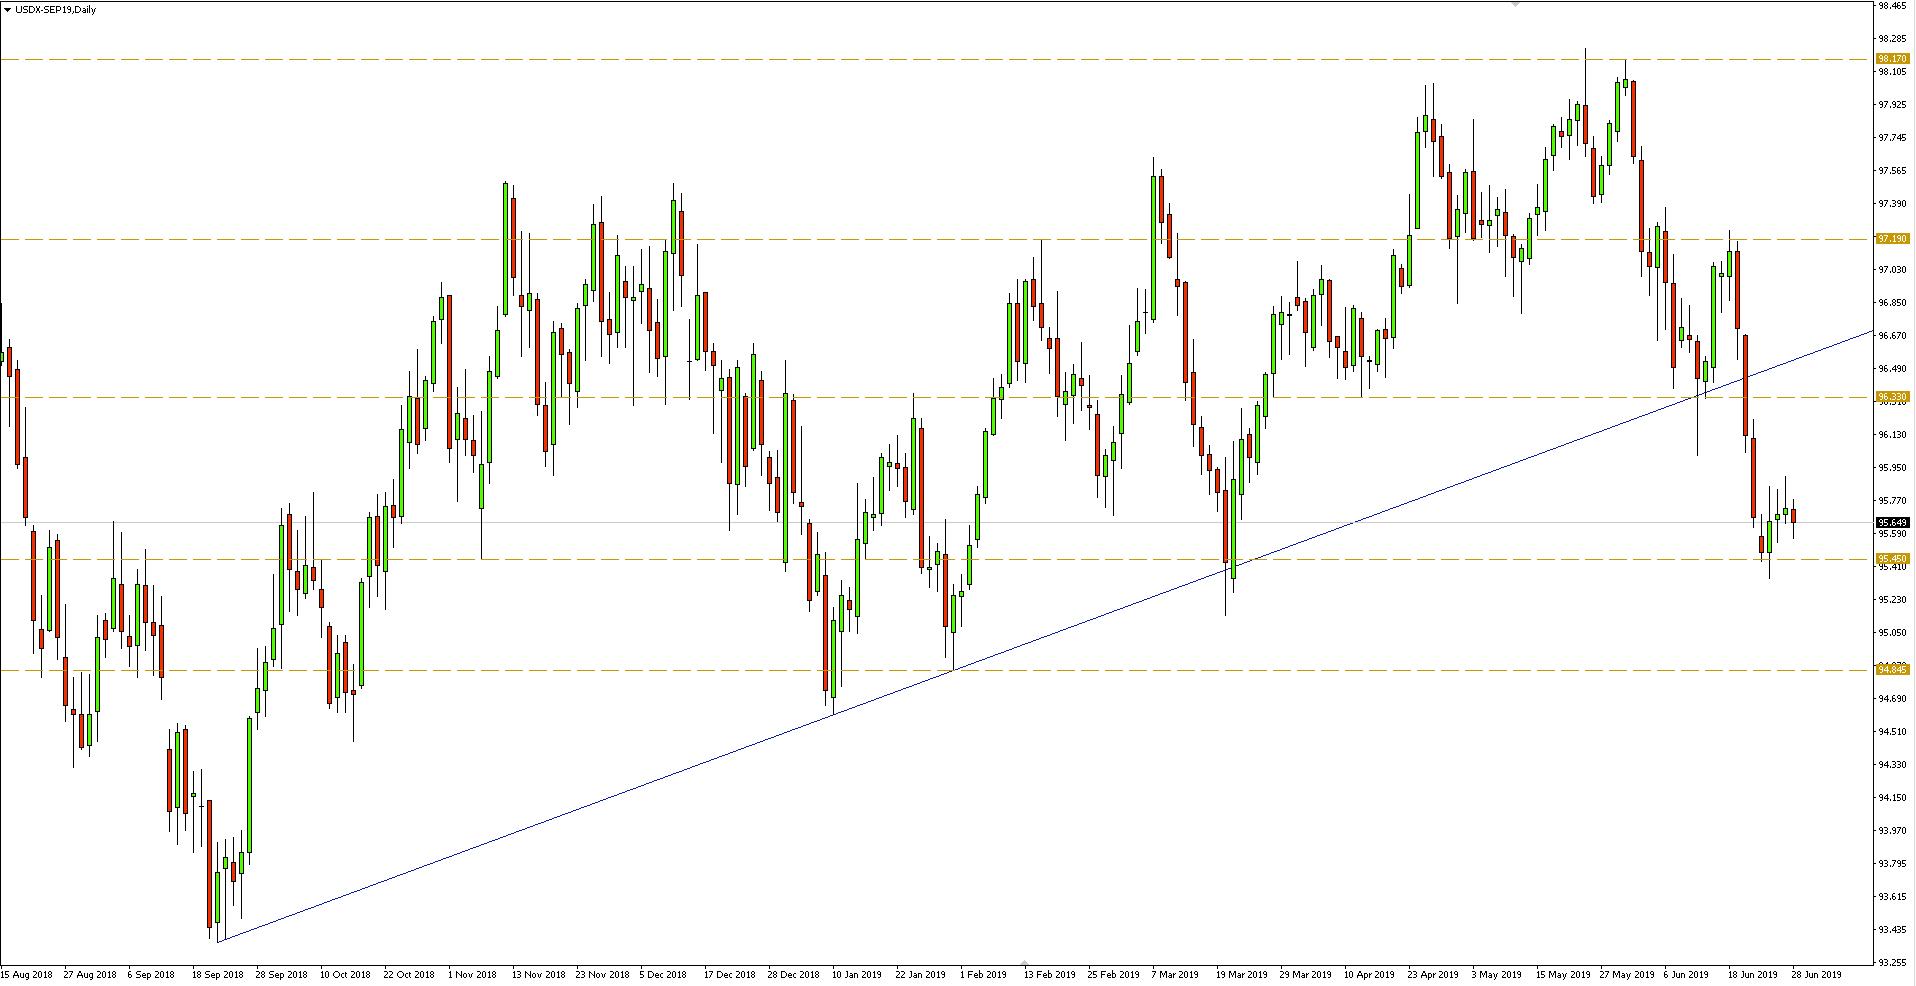 Indeks dolara - wykres dzienny - 28 czerwca 2019